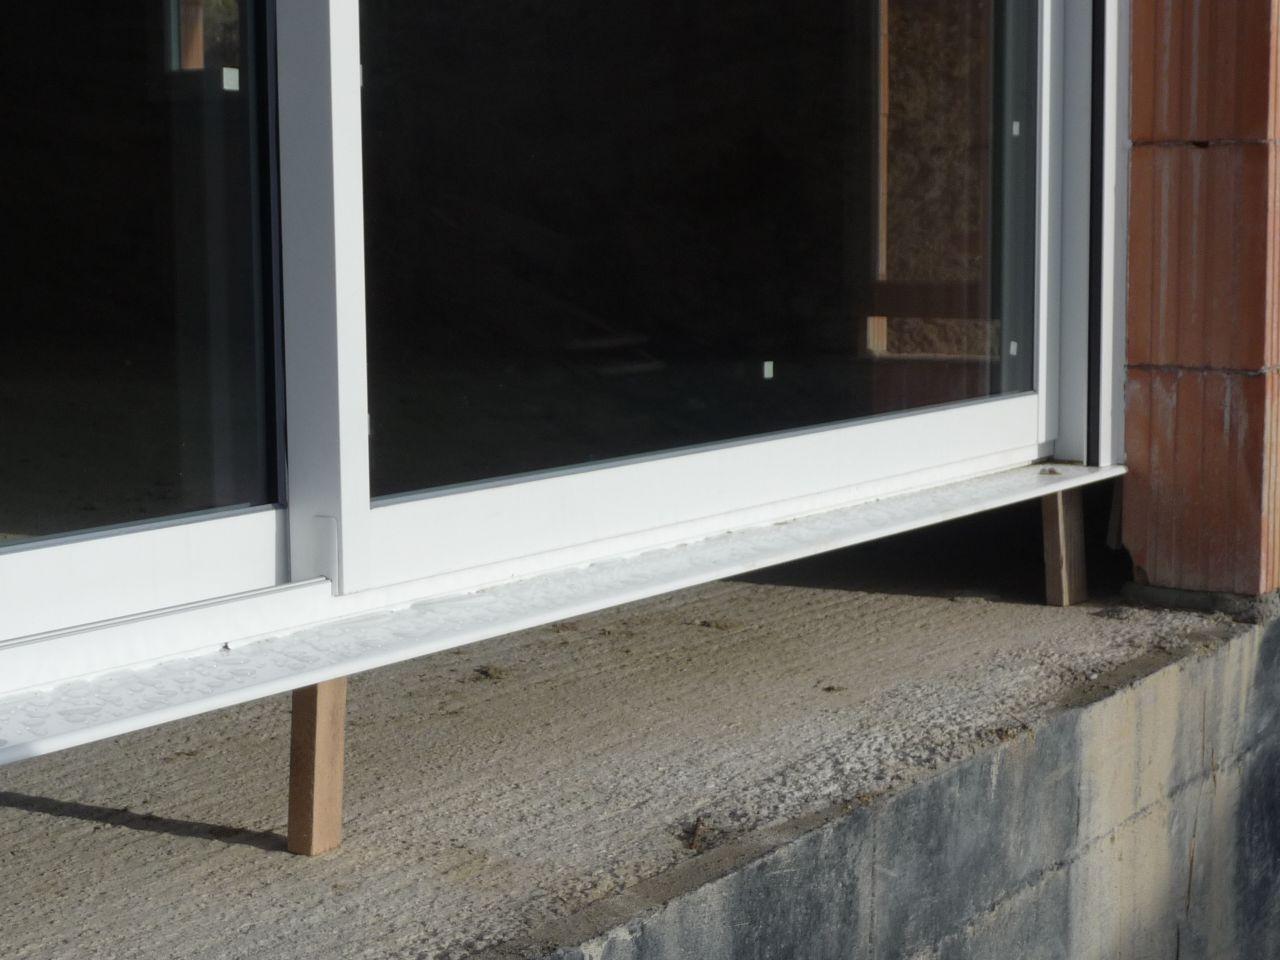 pas de seuil sous la baie vitr e 55 messages page 3. Black Bedroom Furniture Sets. Home Design Ideas